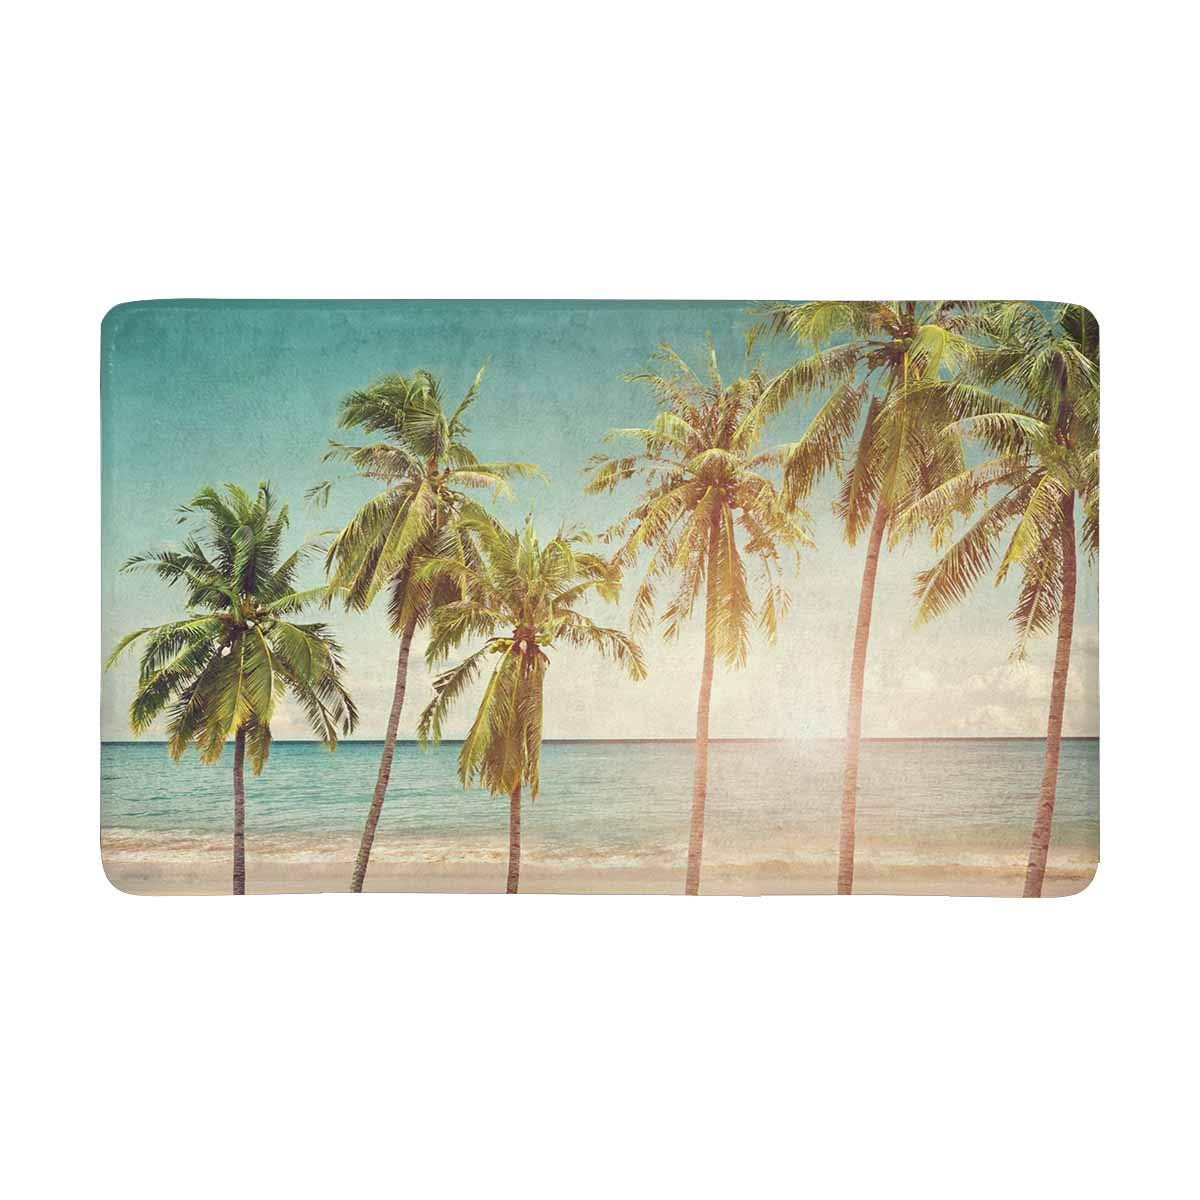 Felpudo de Interior para entrada de coco palmera playa en temporada de verano, alfombrilla antideslizante de respaldo, alfombras de entrada para decoración del hogar